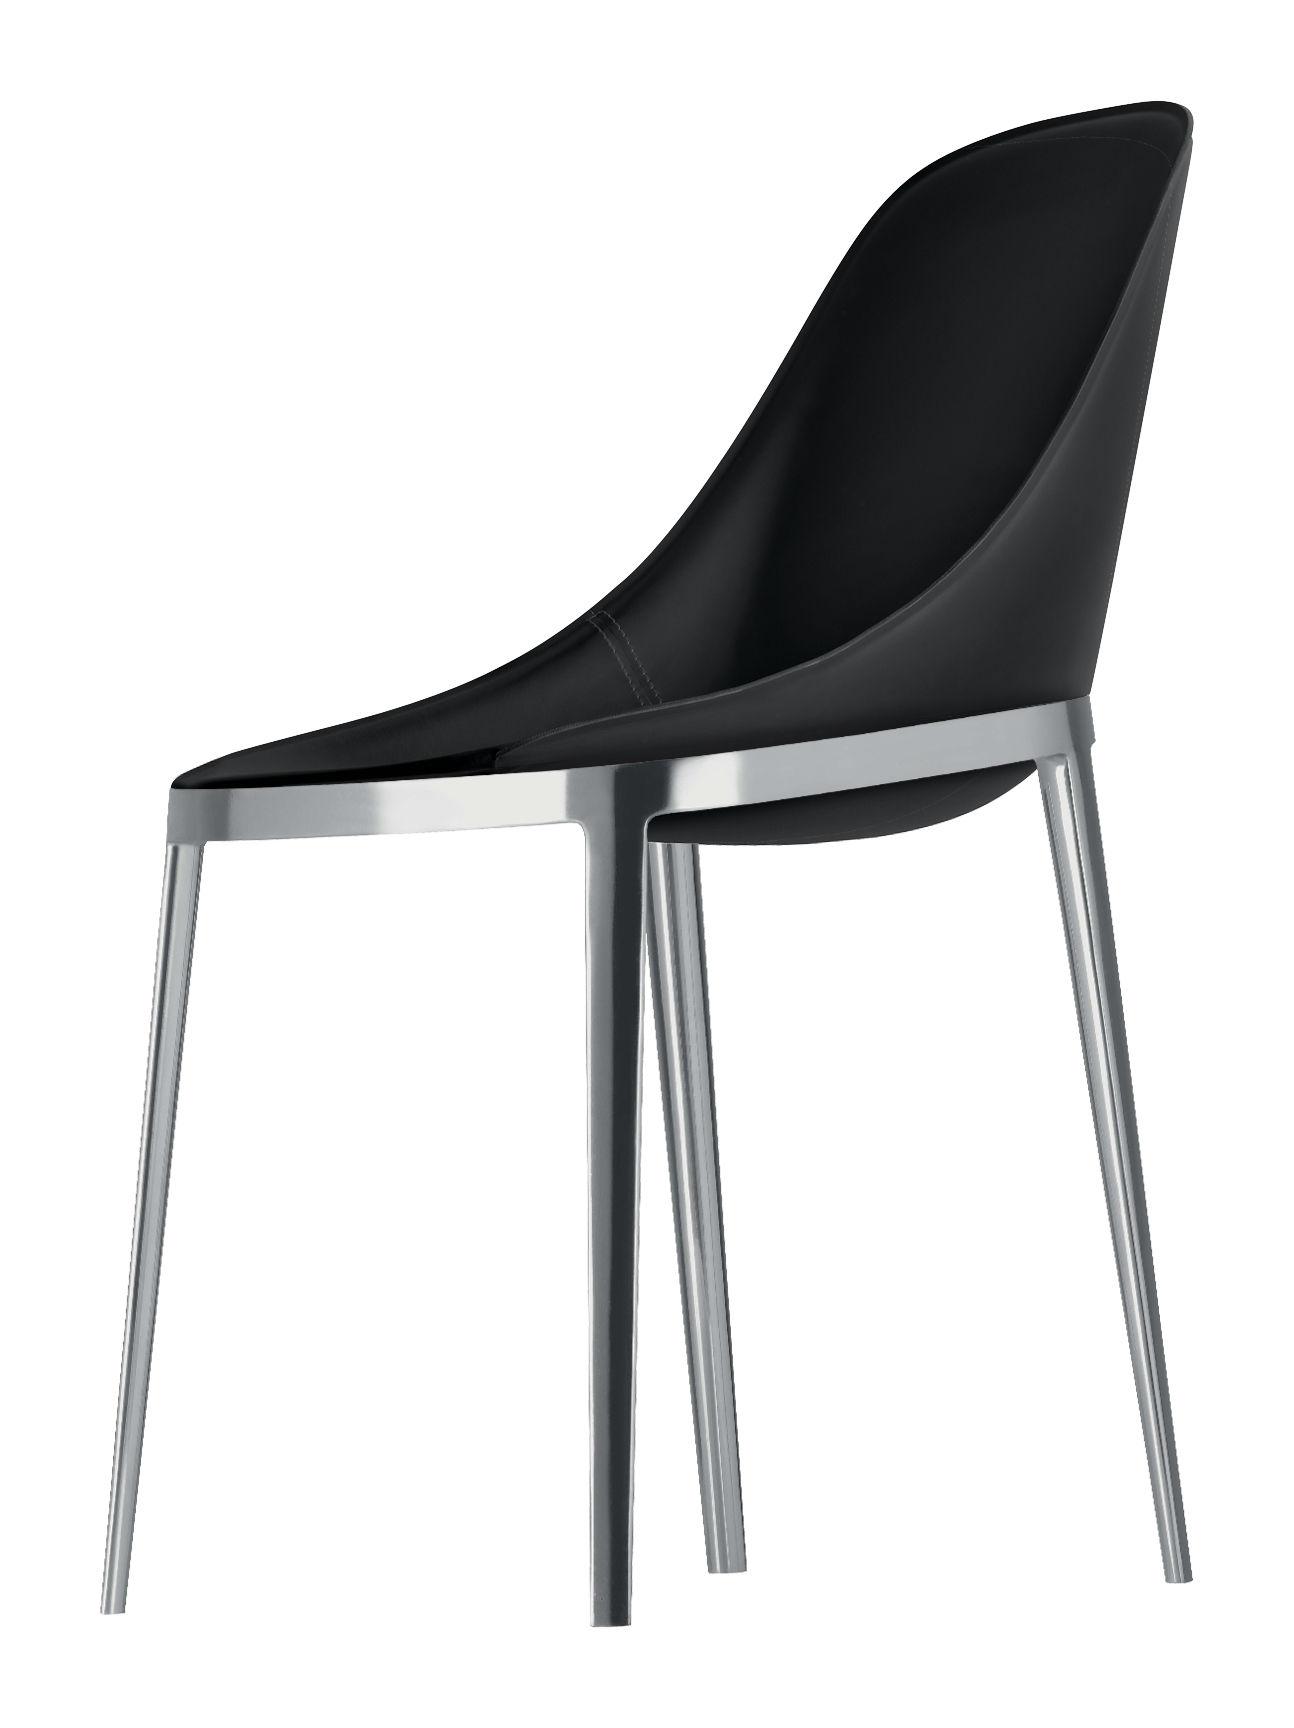 Mobilier - Chaises, fauteuils de salle à manger - Chaise Elle / Assise cuir sellier & pieds métal - Alias - Cuir noir / Structure alu poli - Aluminium poli, Cuir, Polyuréthane